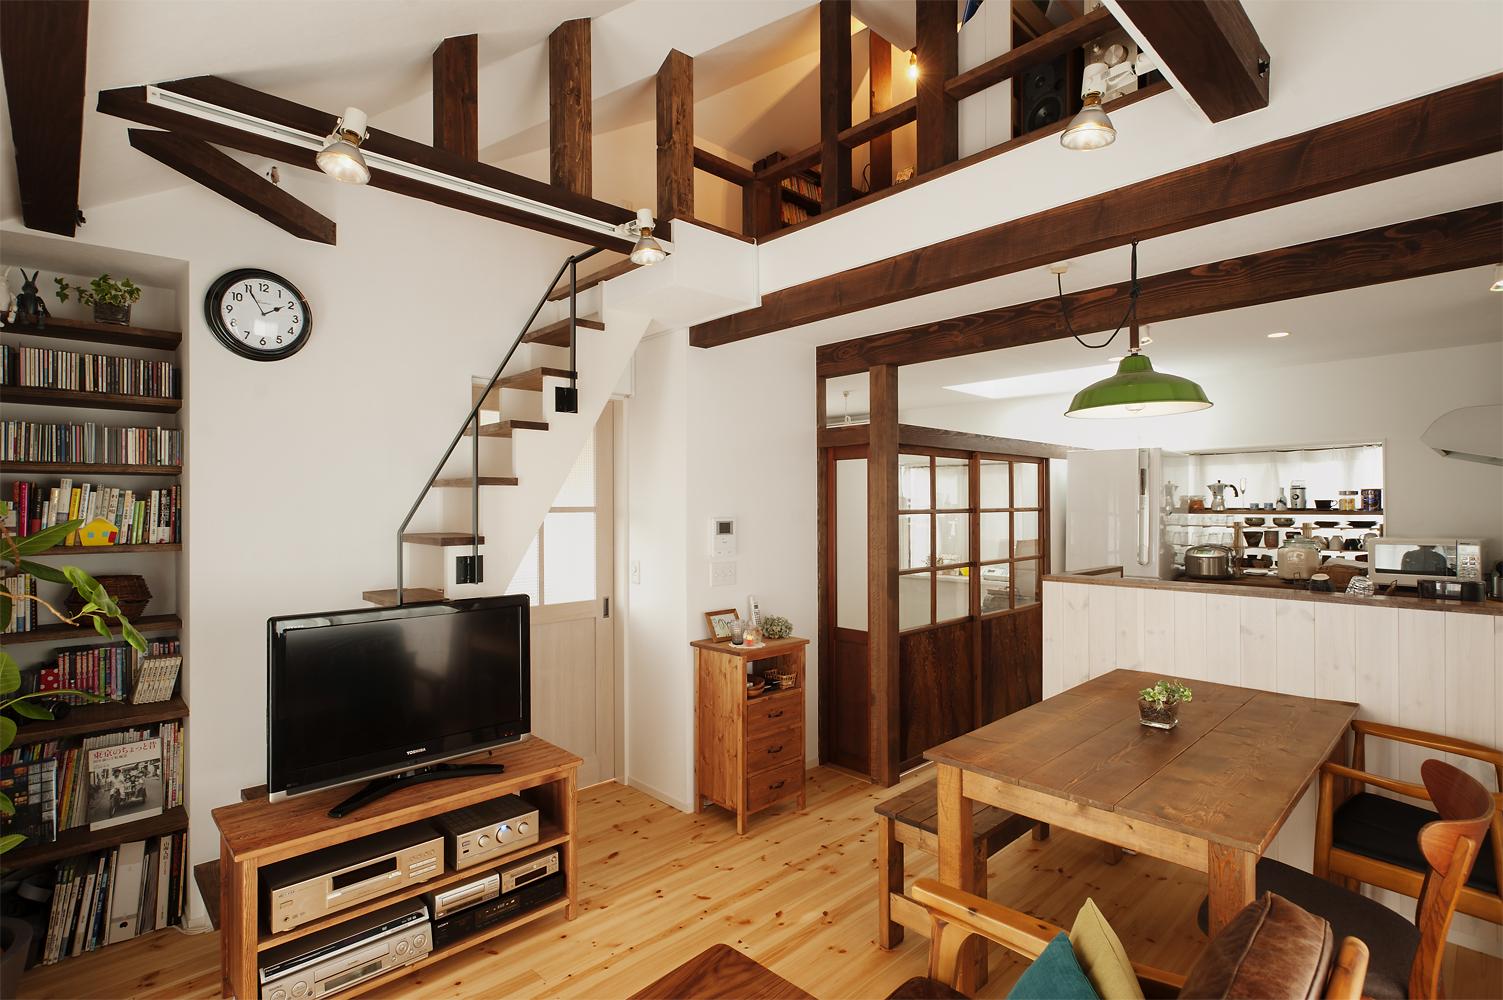 「スタイル工房」のリノベーション事例「築20年の一戸建てをリノベ。 明るい2階リビングで実現した家族時間」